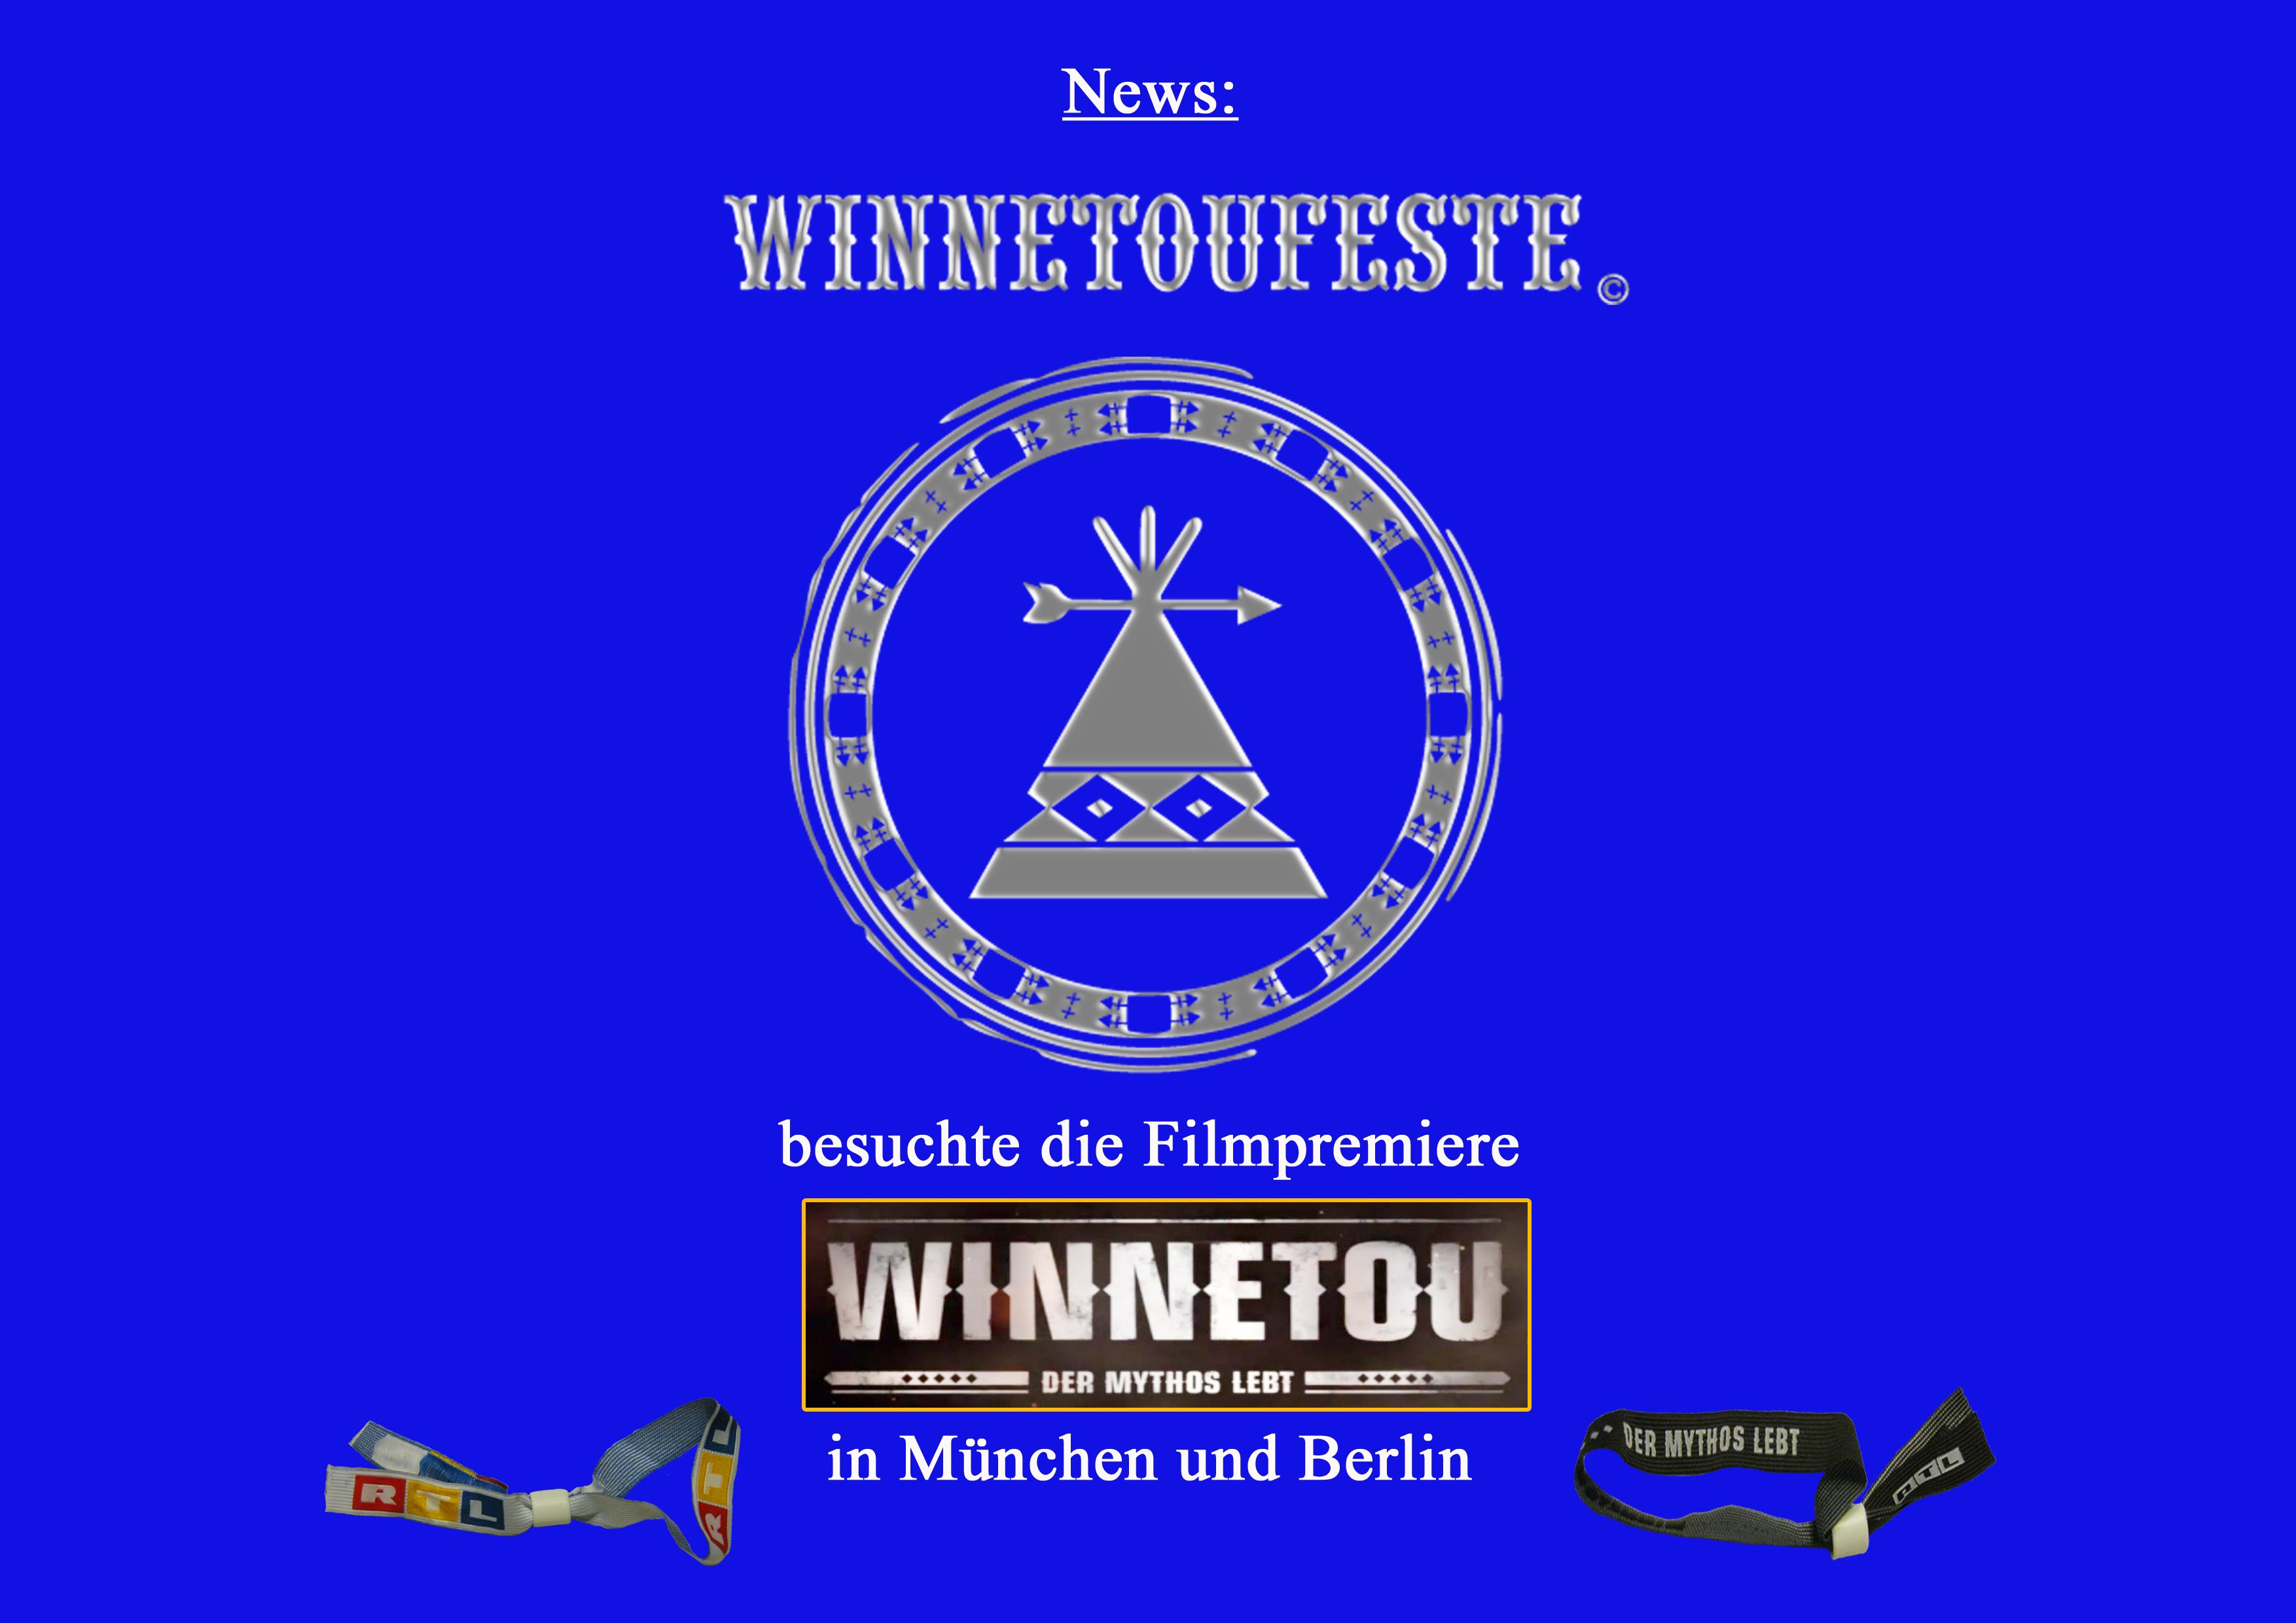 Winnetoufeste besucht die Filmpremiere von Winnetou – Der Mythos lebt